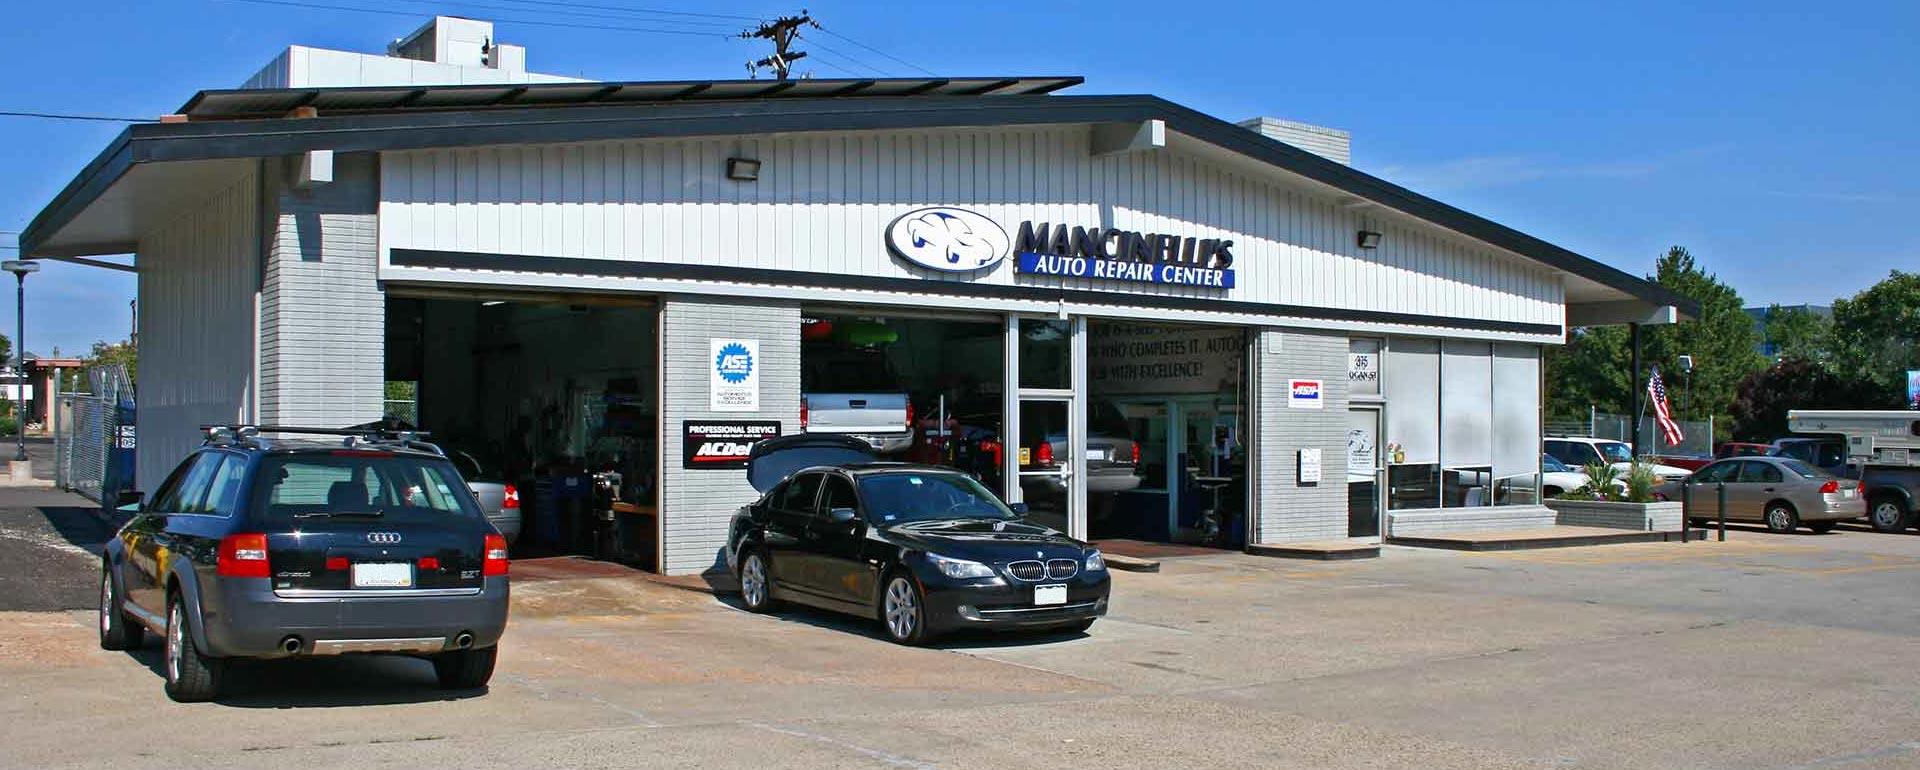 Denver Auto Repair Mancinellis Auto Repair Center